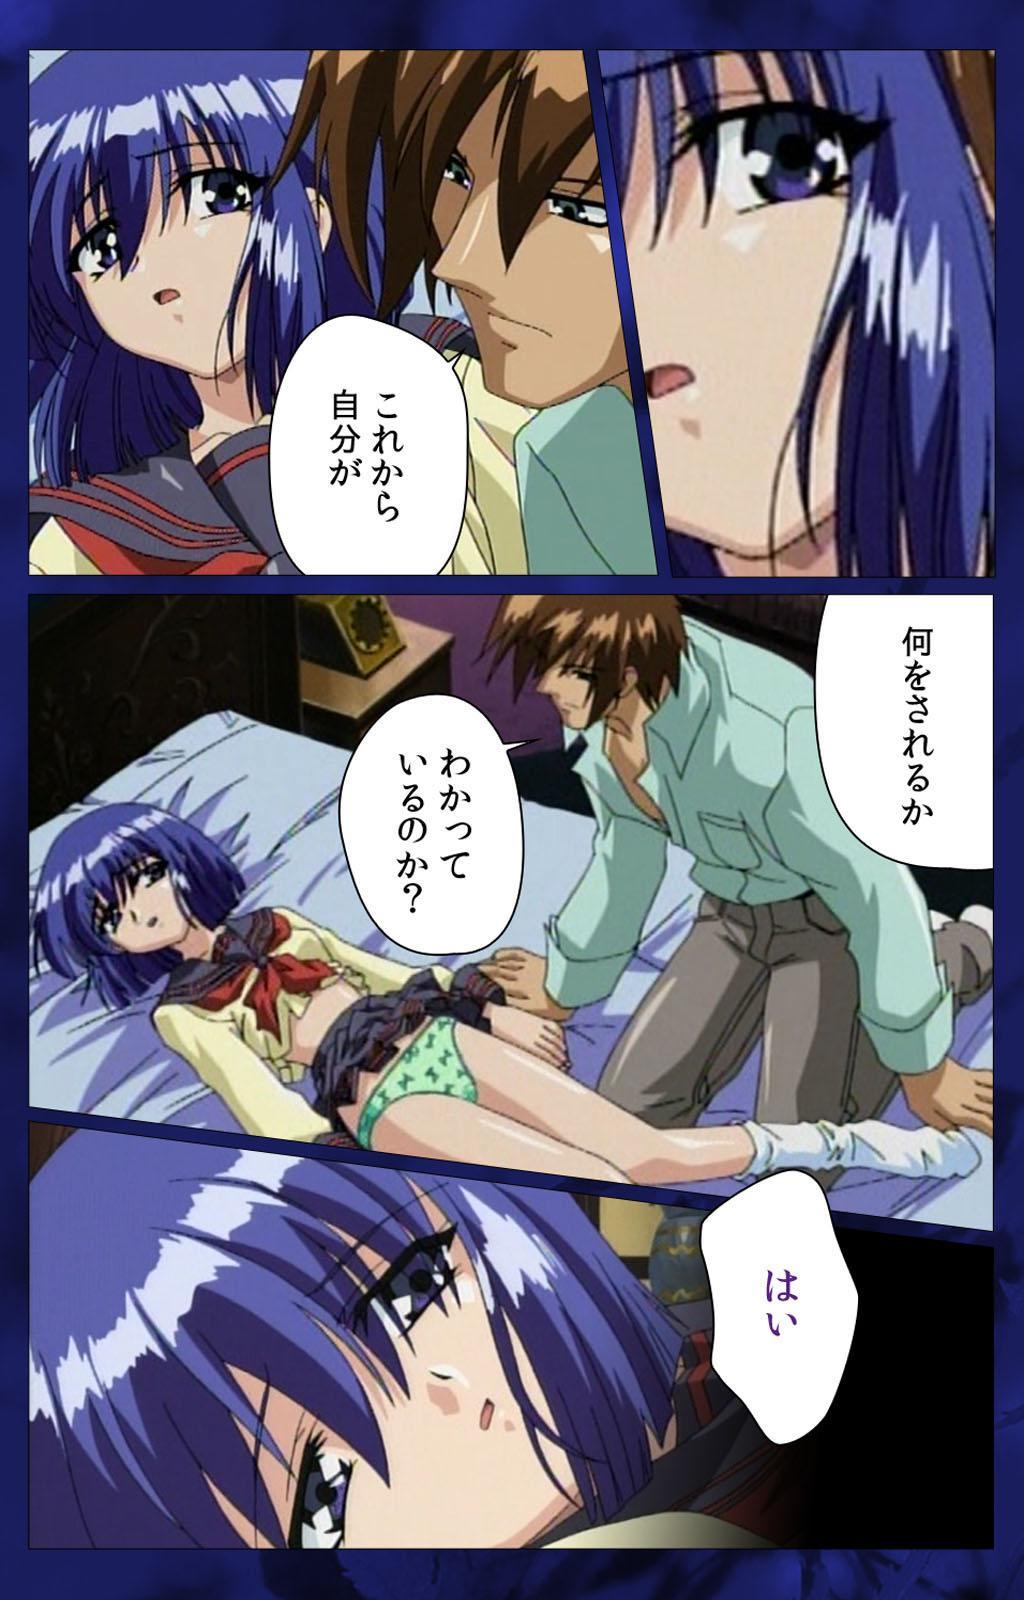 'watashi ningyo jaarimasen' kanzenhan 5